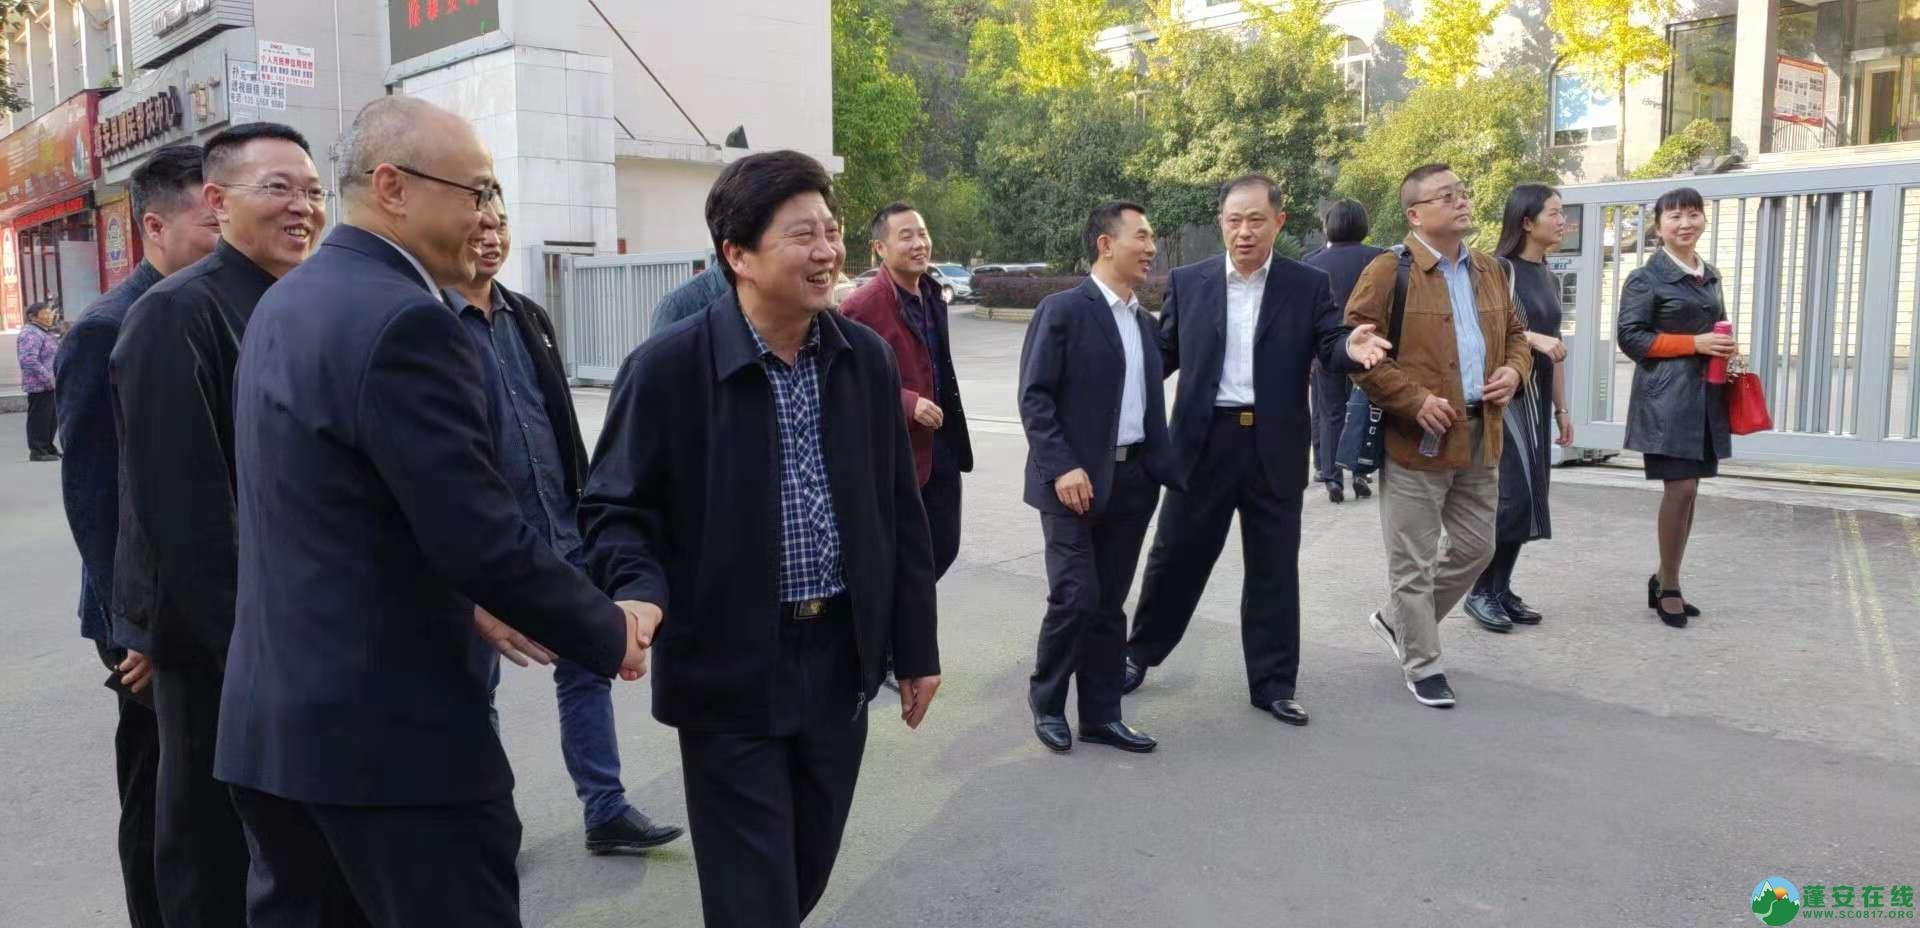 蓬安县人民检察院12309检察服务中心正式宣告挂牌成立 - 第9张  | 蓬安在线